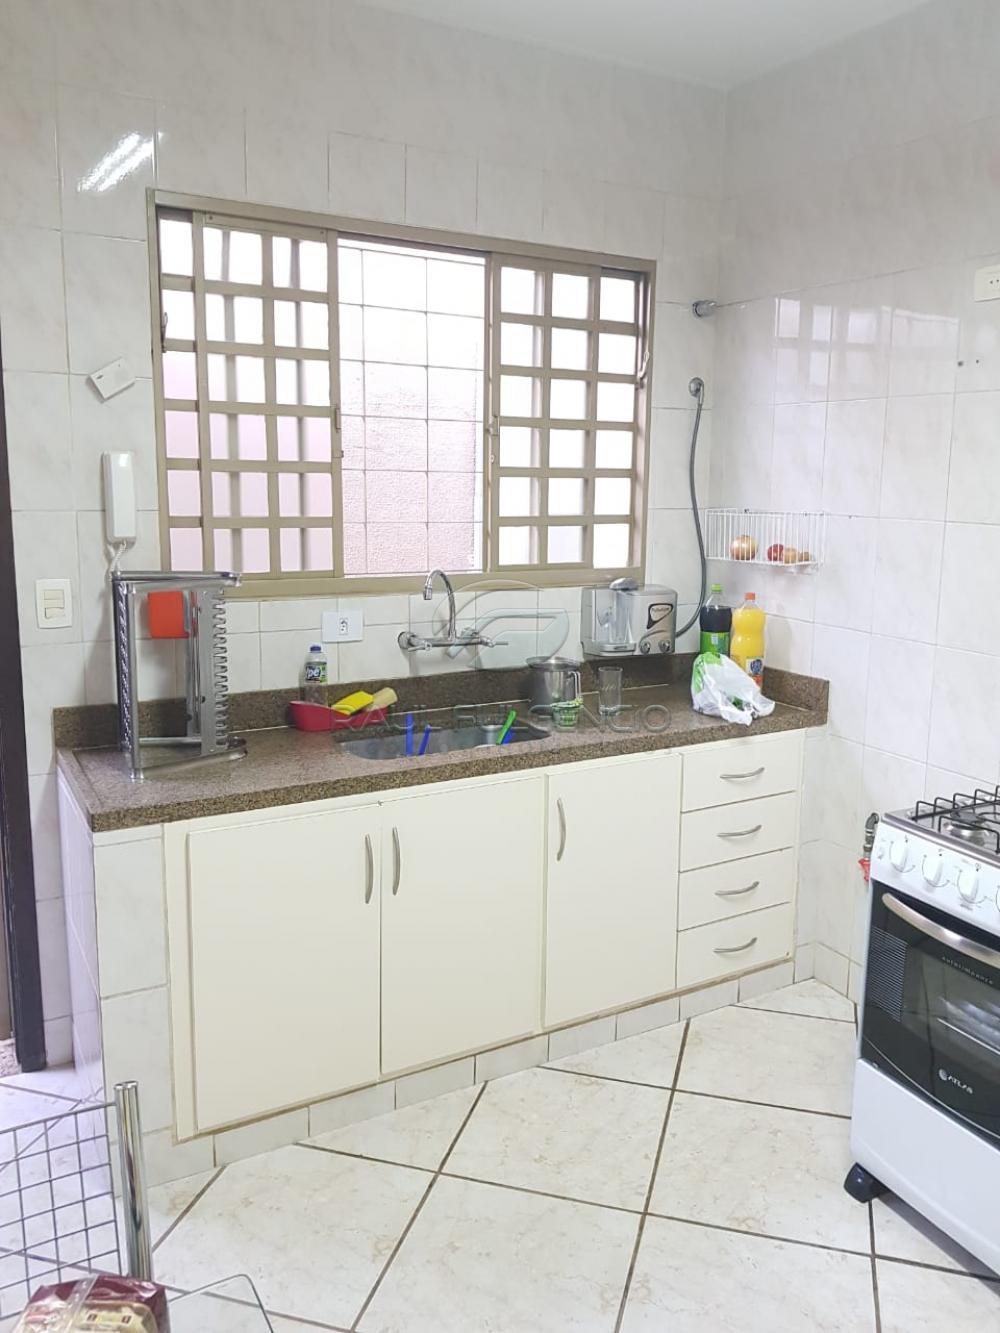 Comprar Casa / Térrea em Londrina apenas R$ 595.000,00 - Foto 13